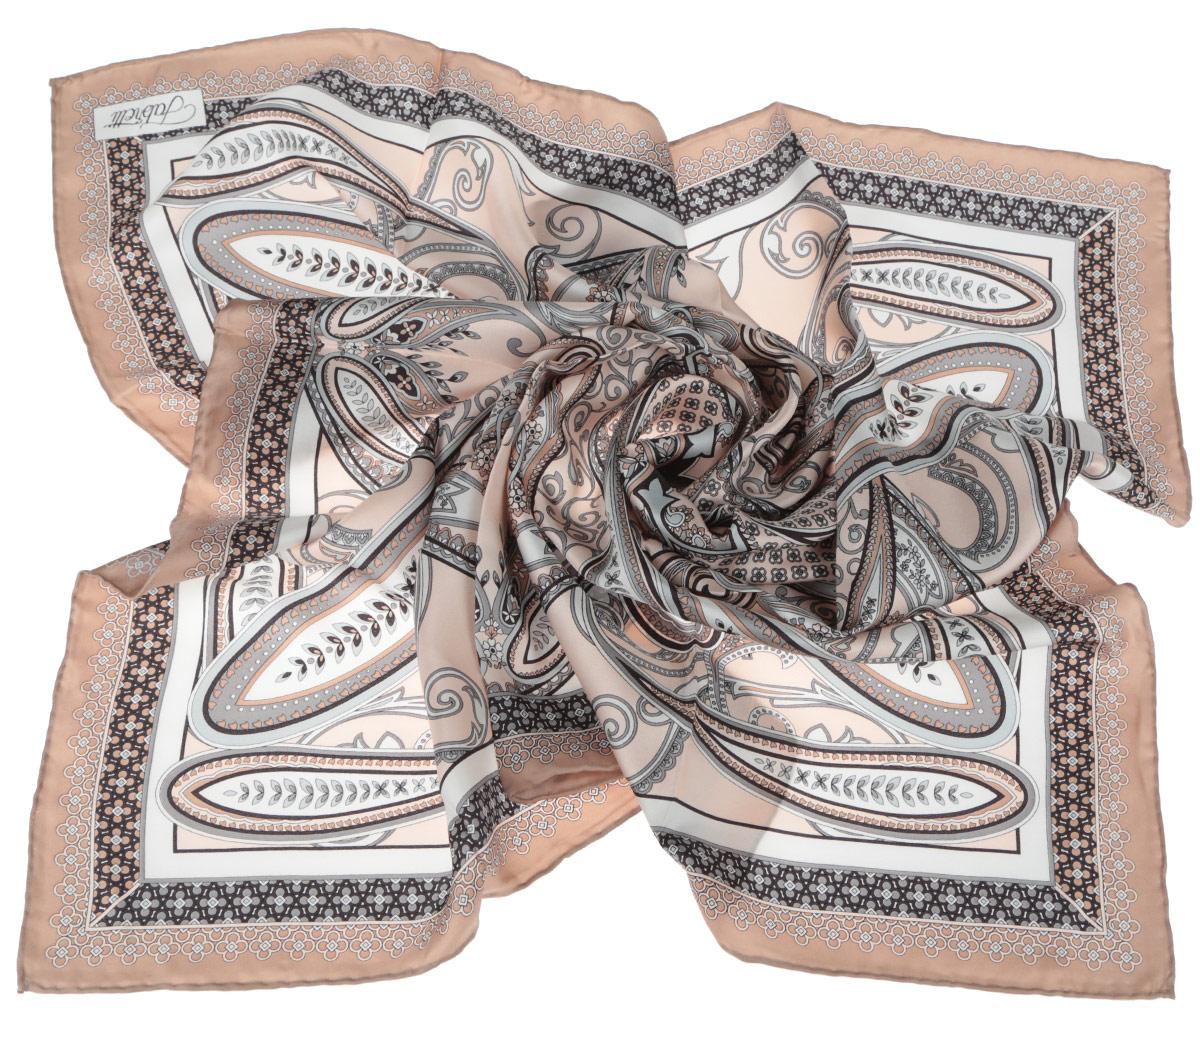 Платок женский Fabretti, цвет: бежевый, светло-коричневый. CX1516-52-8. Размер 90 см х 90 смCX1516-52-8Стильный женский платок Fabretti станет великолепным завершением любого наряда. Платок изготовлен из высококачественного 100% шелка и оформлен изысканным этническим принтом в индийском стиле.Классическая квадратная форма позволяет носить платок на шее, украшать им прическу или декорировать сумочку. Мягкий и шелковистый платок поможет вам создать изысканный женственный образ, а также согреет в непогоду. Такой платок превосходно дополнит любой наряд и подчеркнет ваш неповторимый вкус и элегантность.